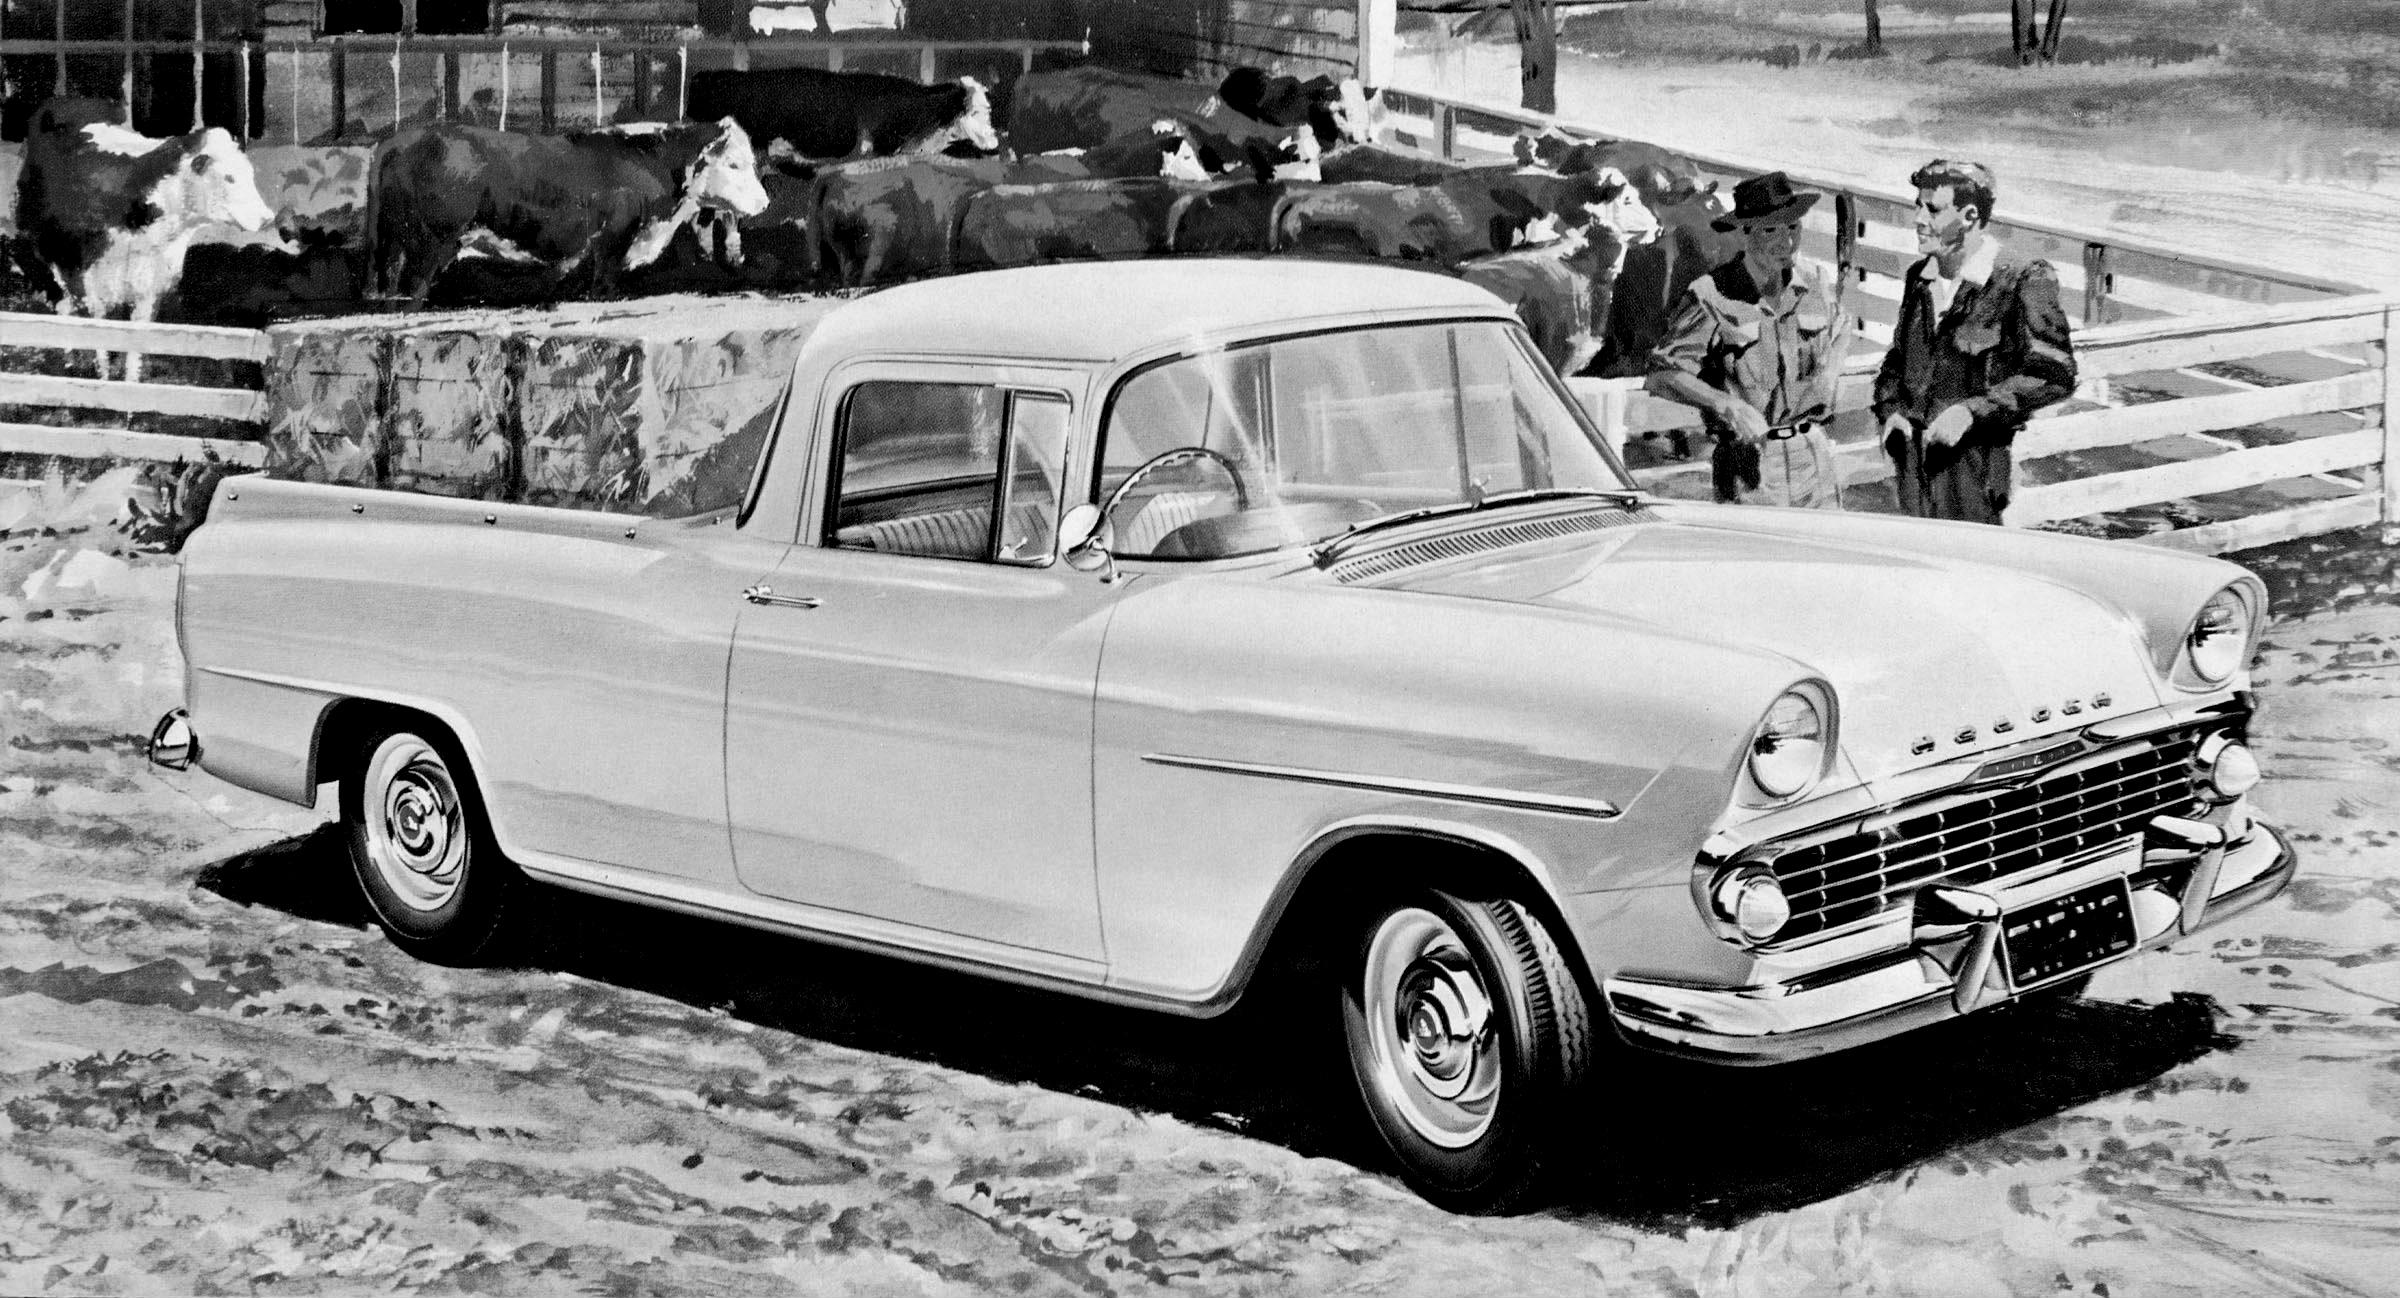 EK Holden Ute (1961-1962)